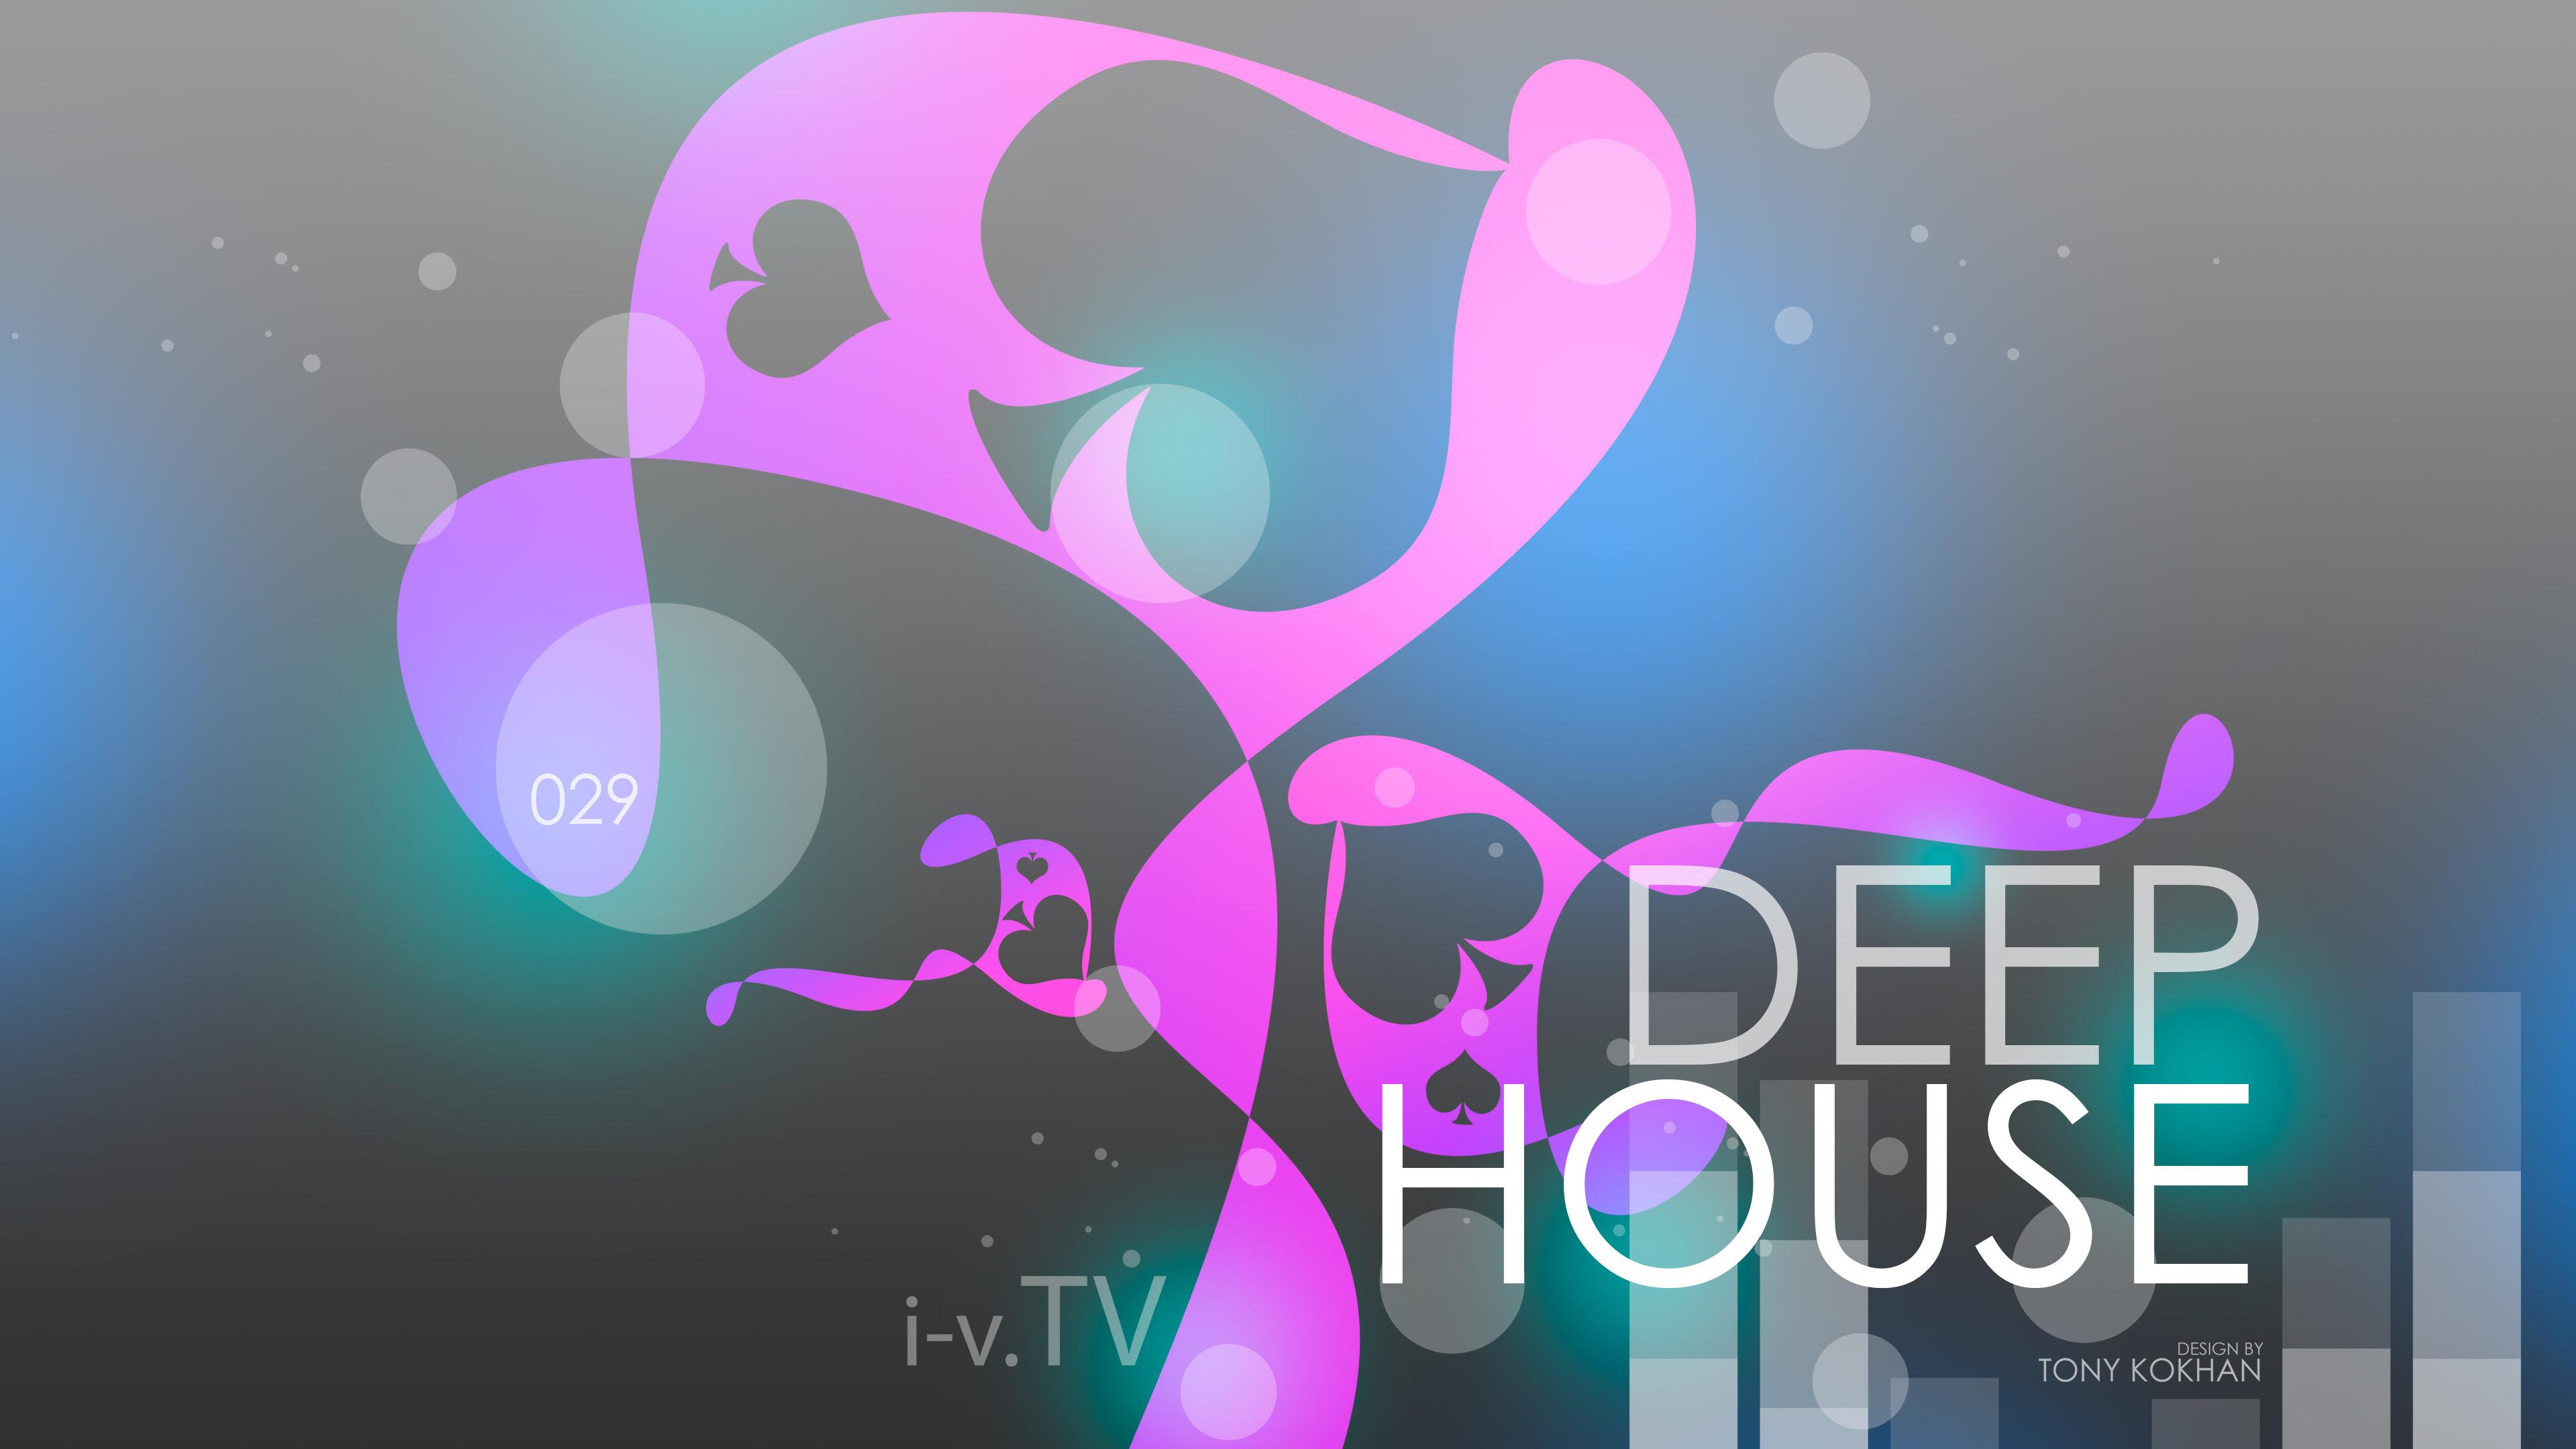 Deep House Music eQ SC Twenty Nine 2015 Tony Sound 3840x2160